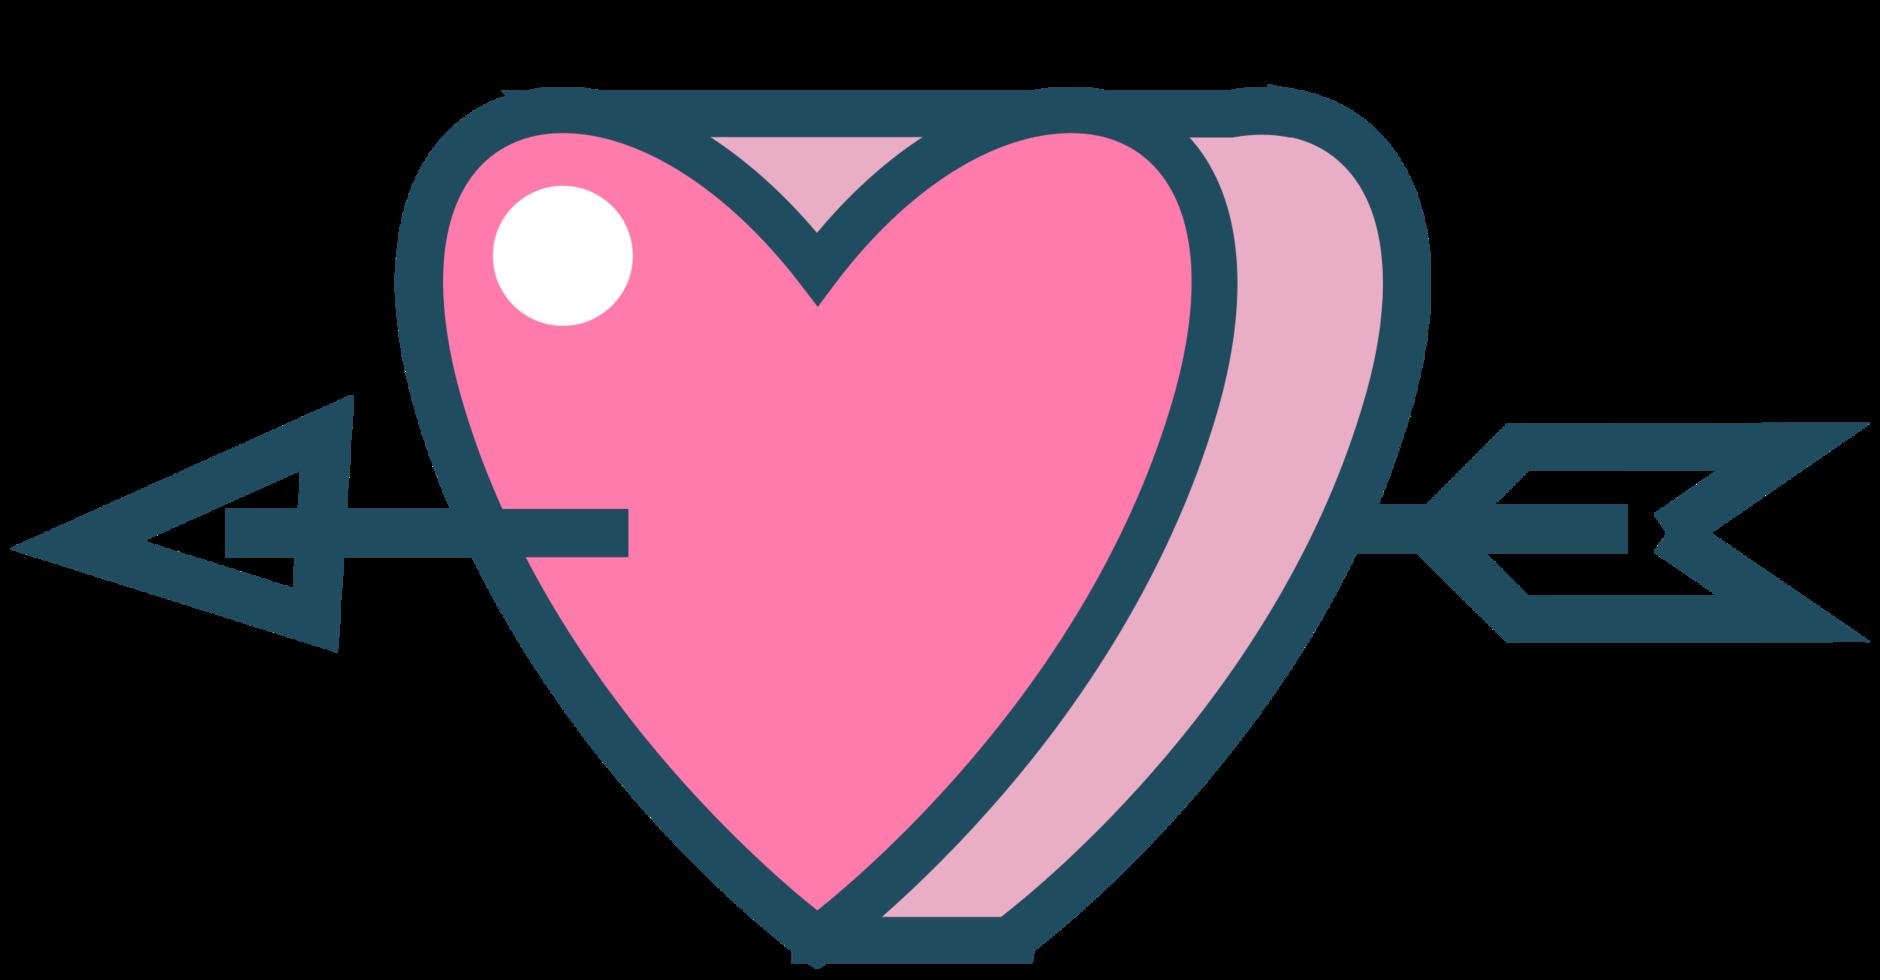 Herz mit Pfeil png